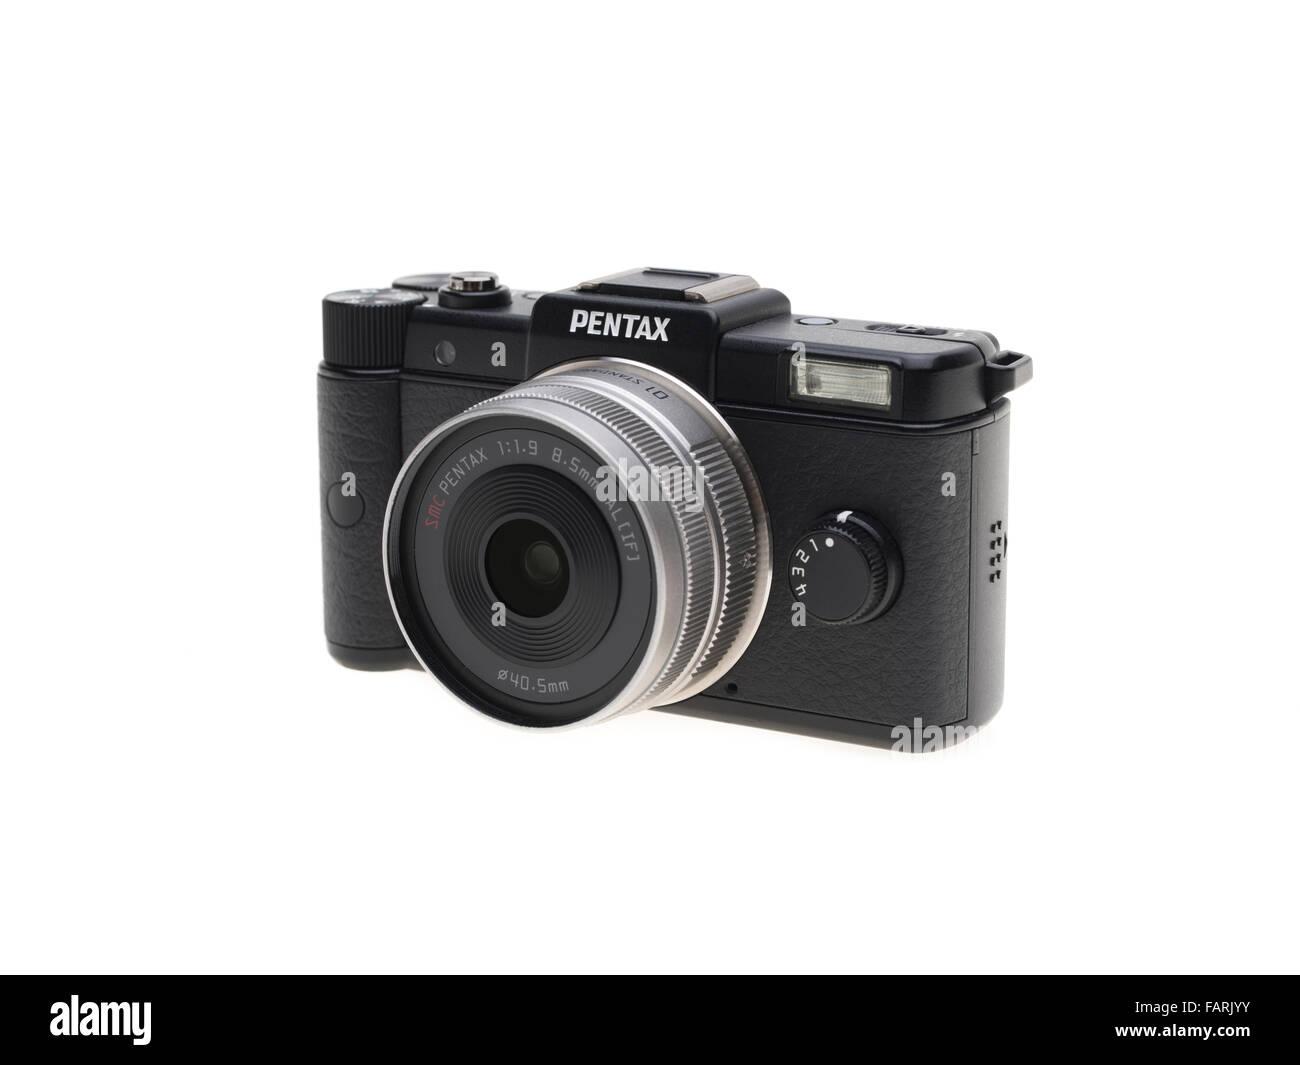 Pentax q'un minuscule mirrorless interchangeable-lens camera numérique introduit en 2011 Banque D'Images